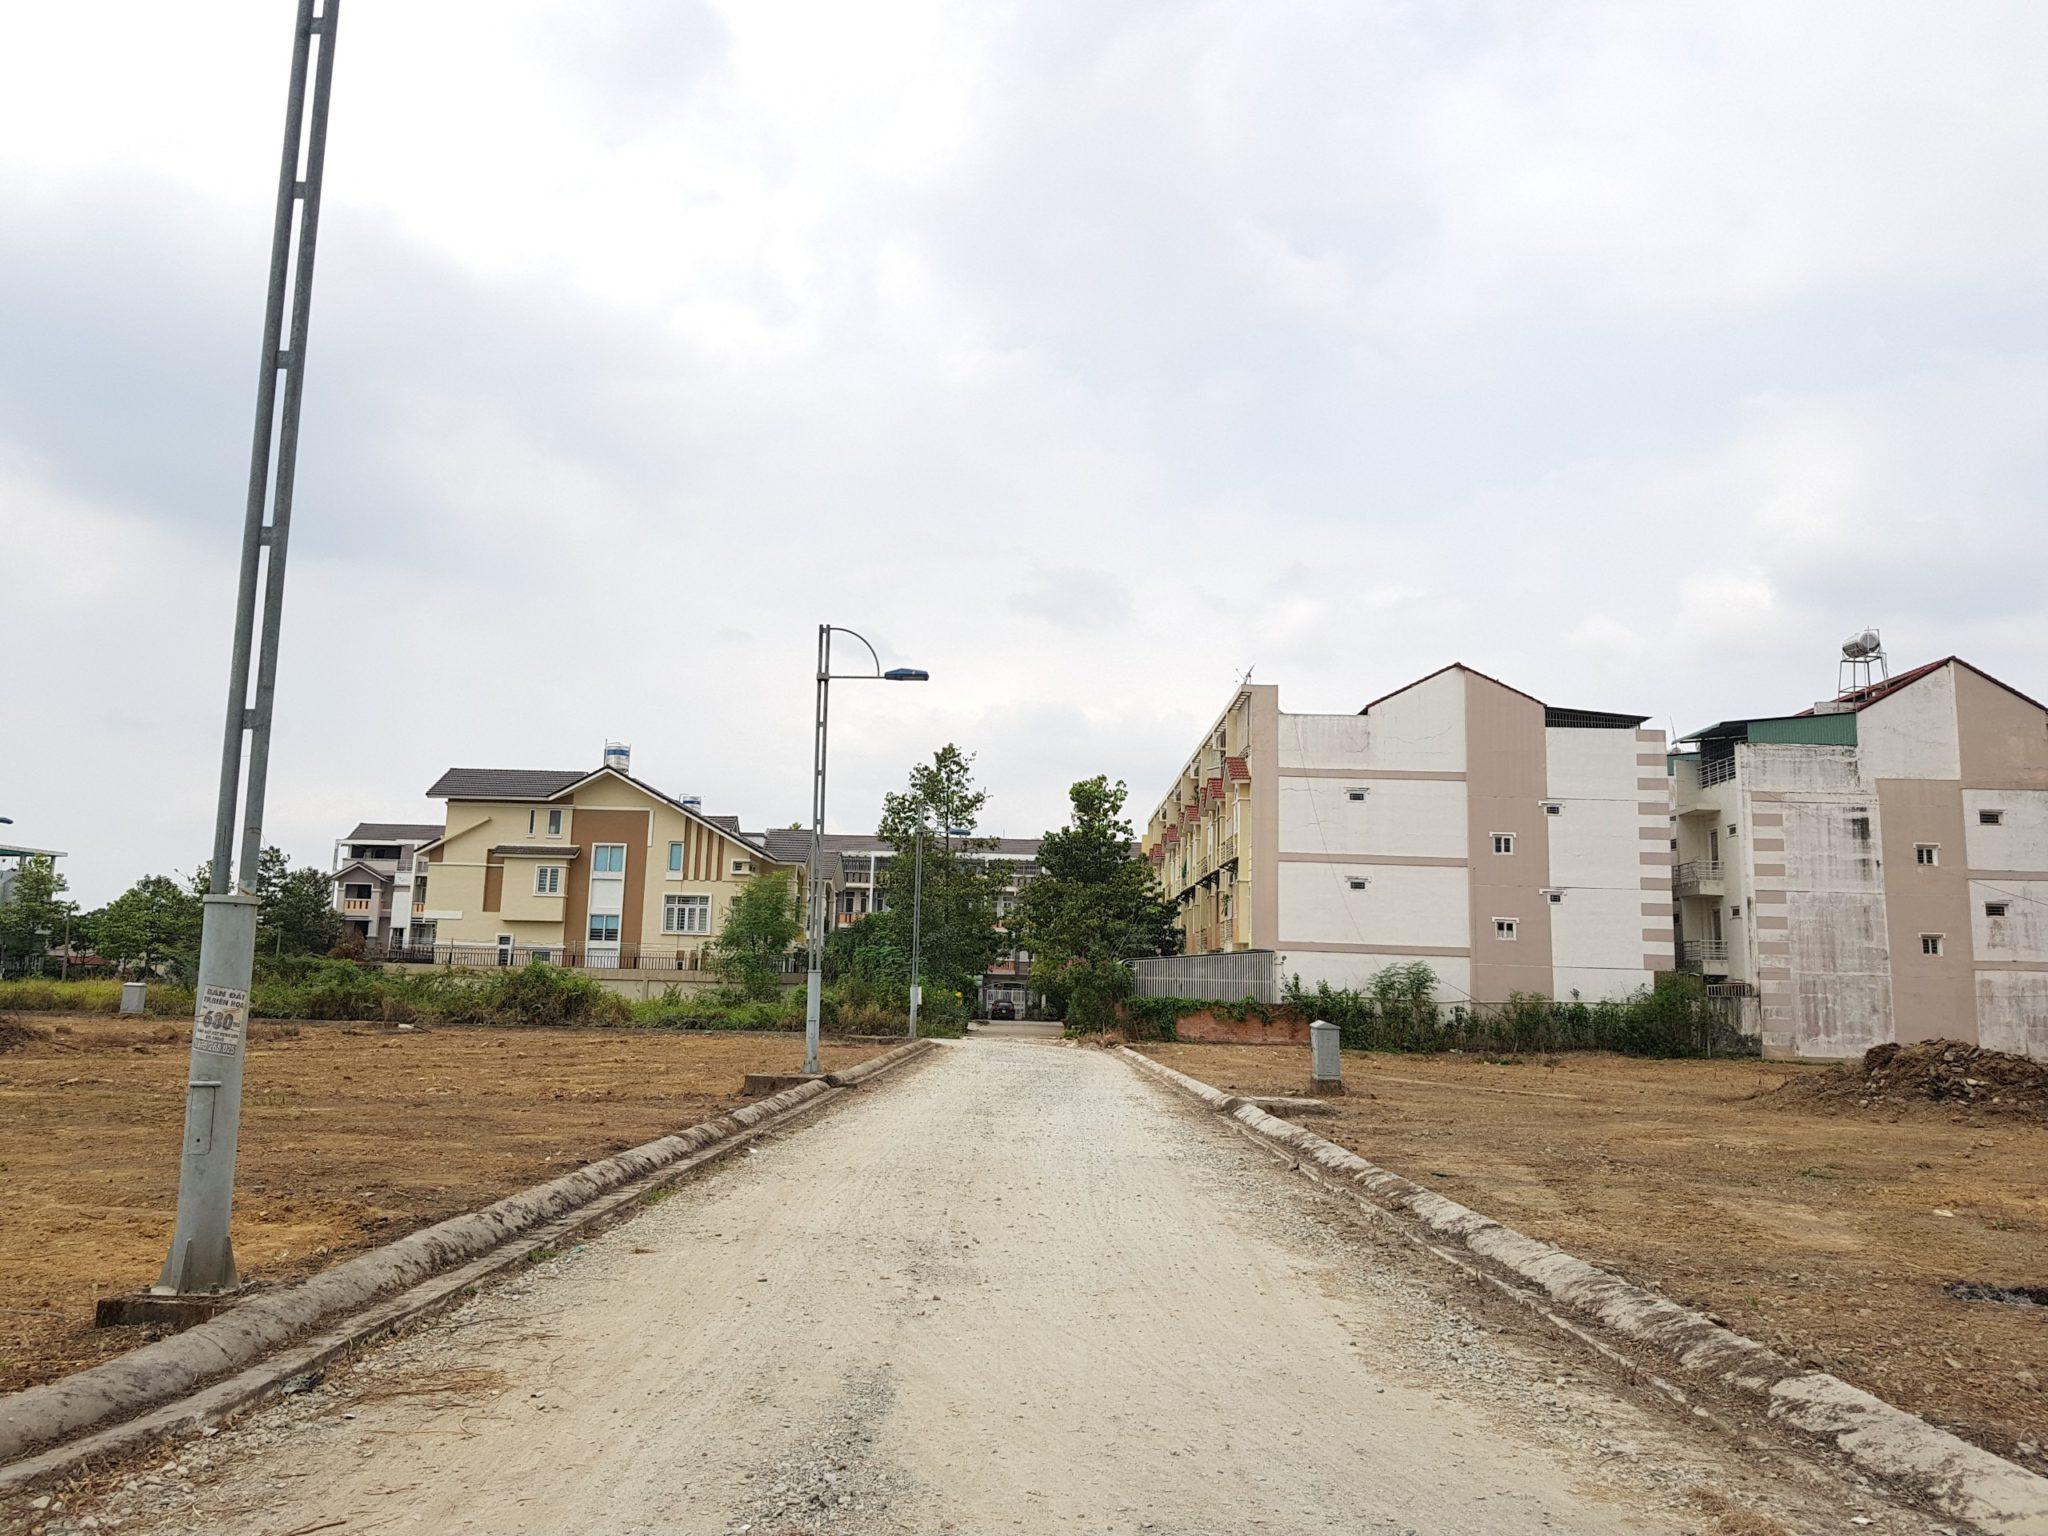 Hình ành thực tế tiến độ thi công Bien Hoa New Town 2 Đồng Nai (tháng 4/2018)